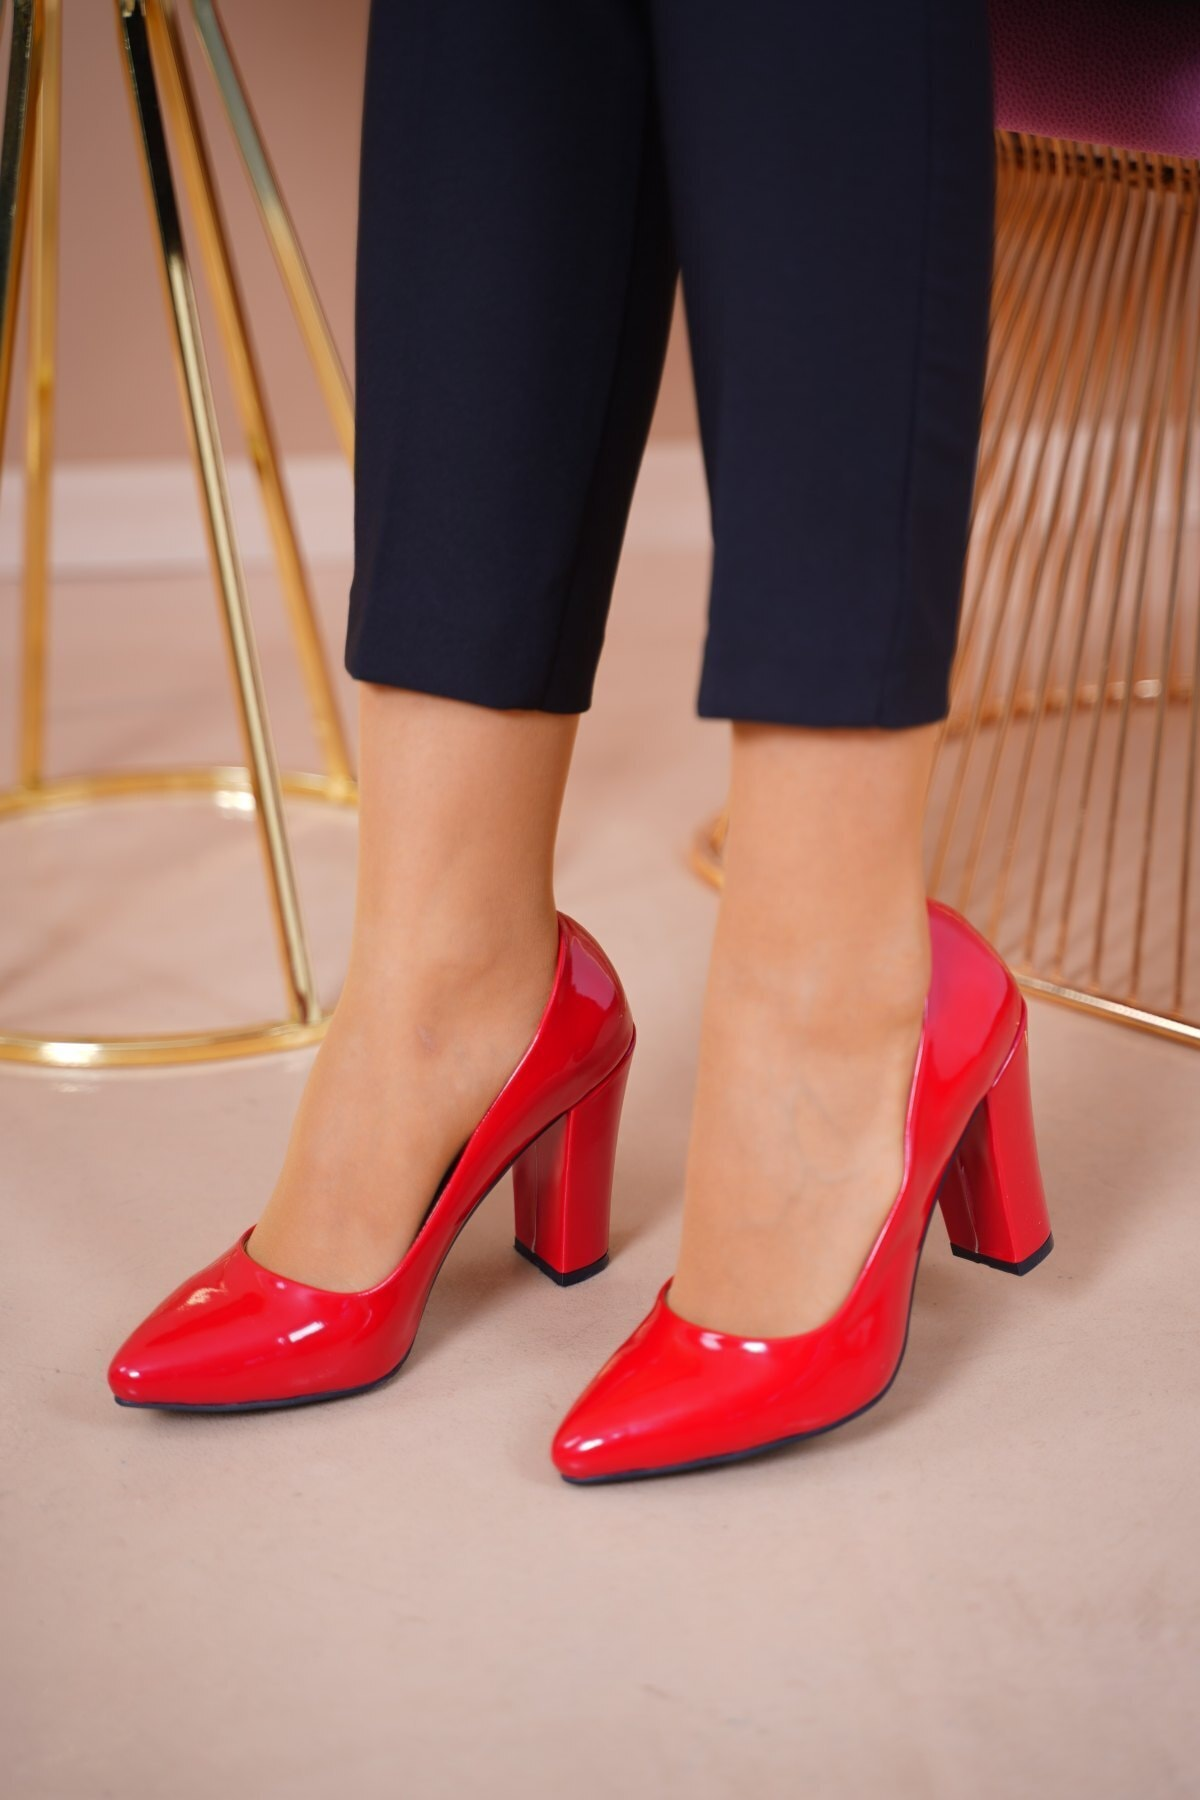 MERVESTORE Kadın Kırmızı Topuklu Ayakkabı 2